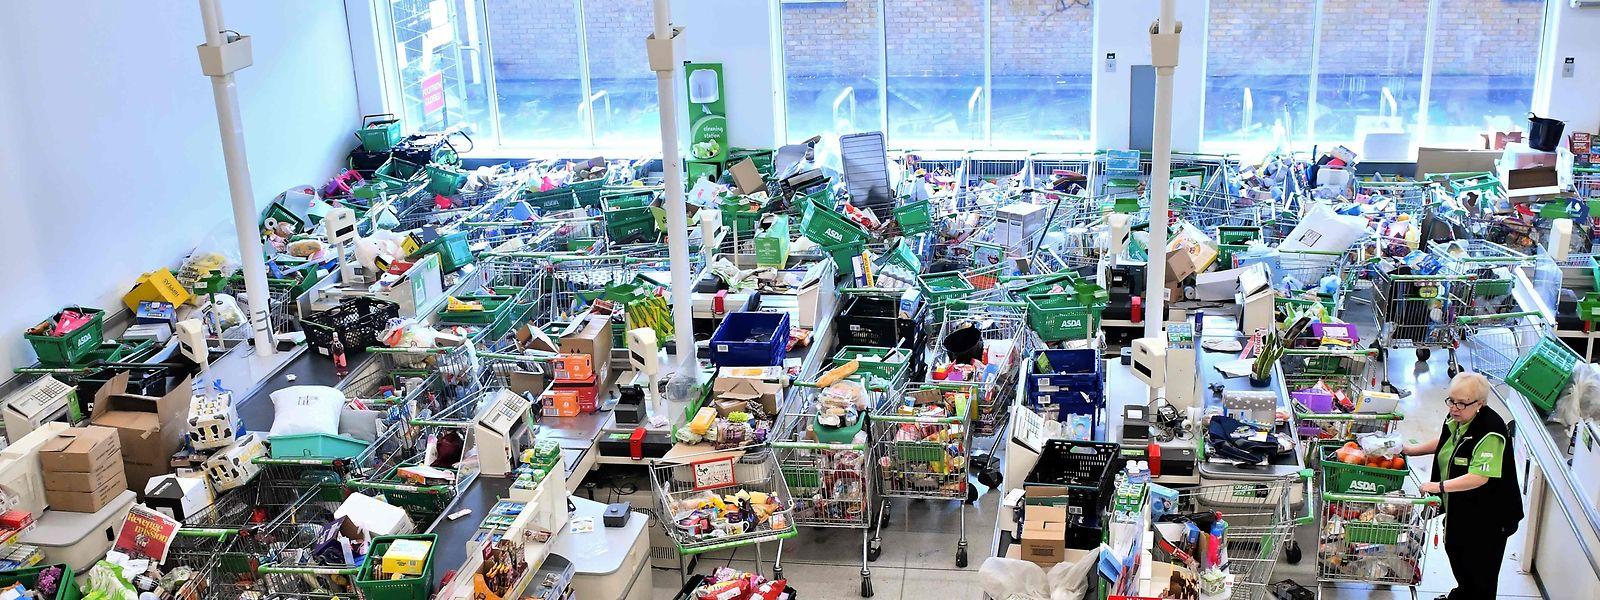 Im Hamsterrausch: Auch auf der britischen Insel herrschen zum Teil chaotische Zustände in Supermärkten.